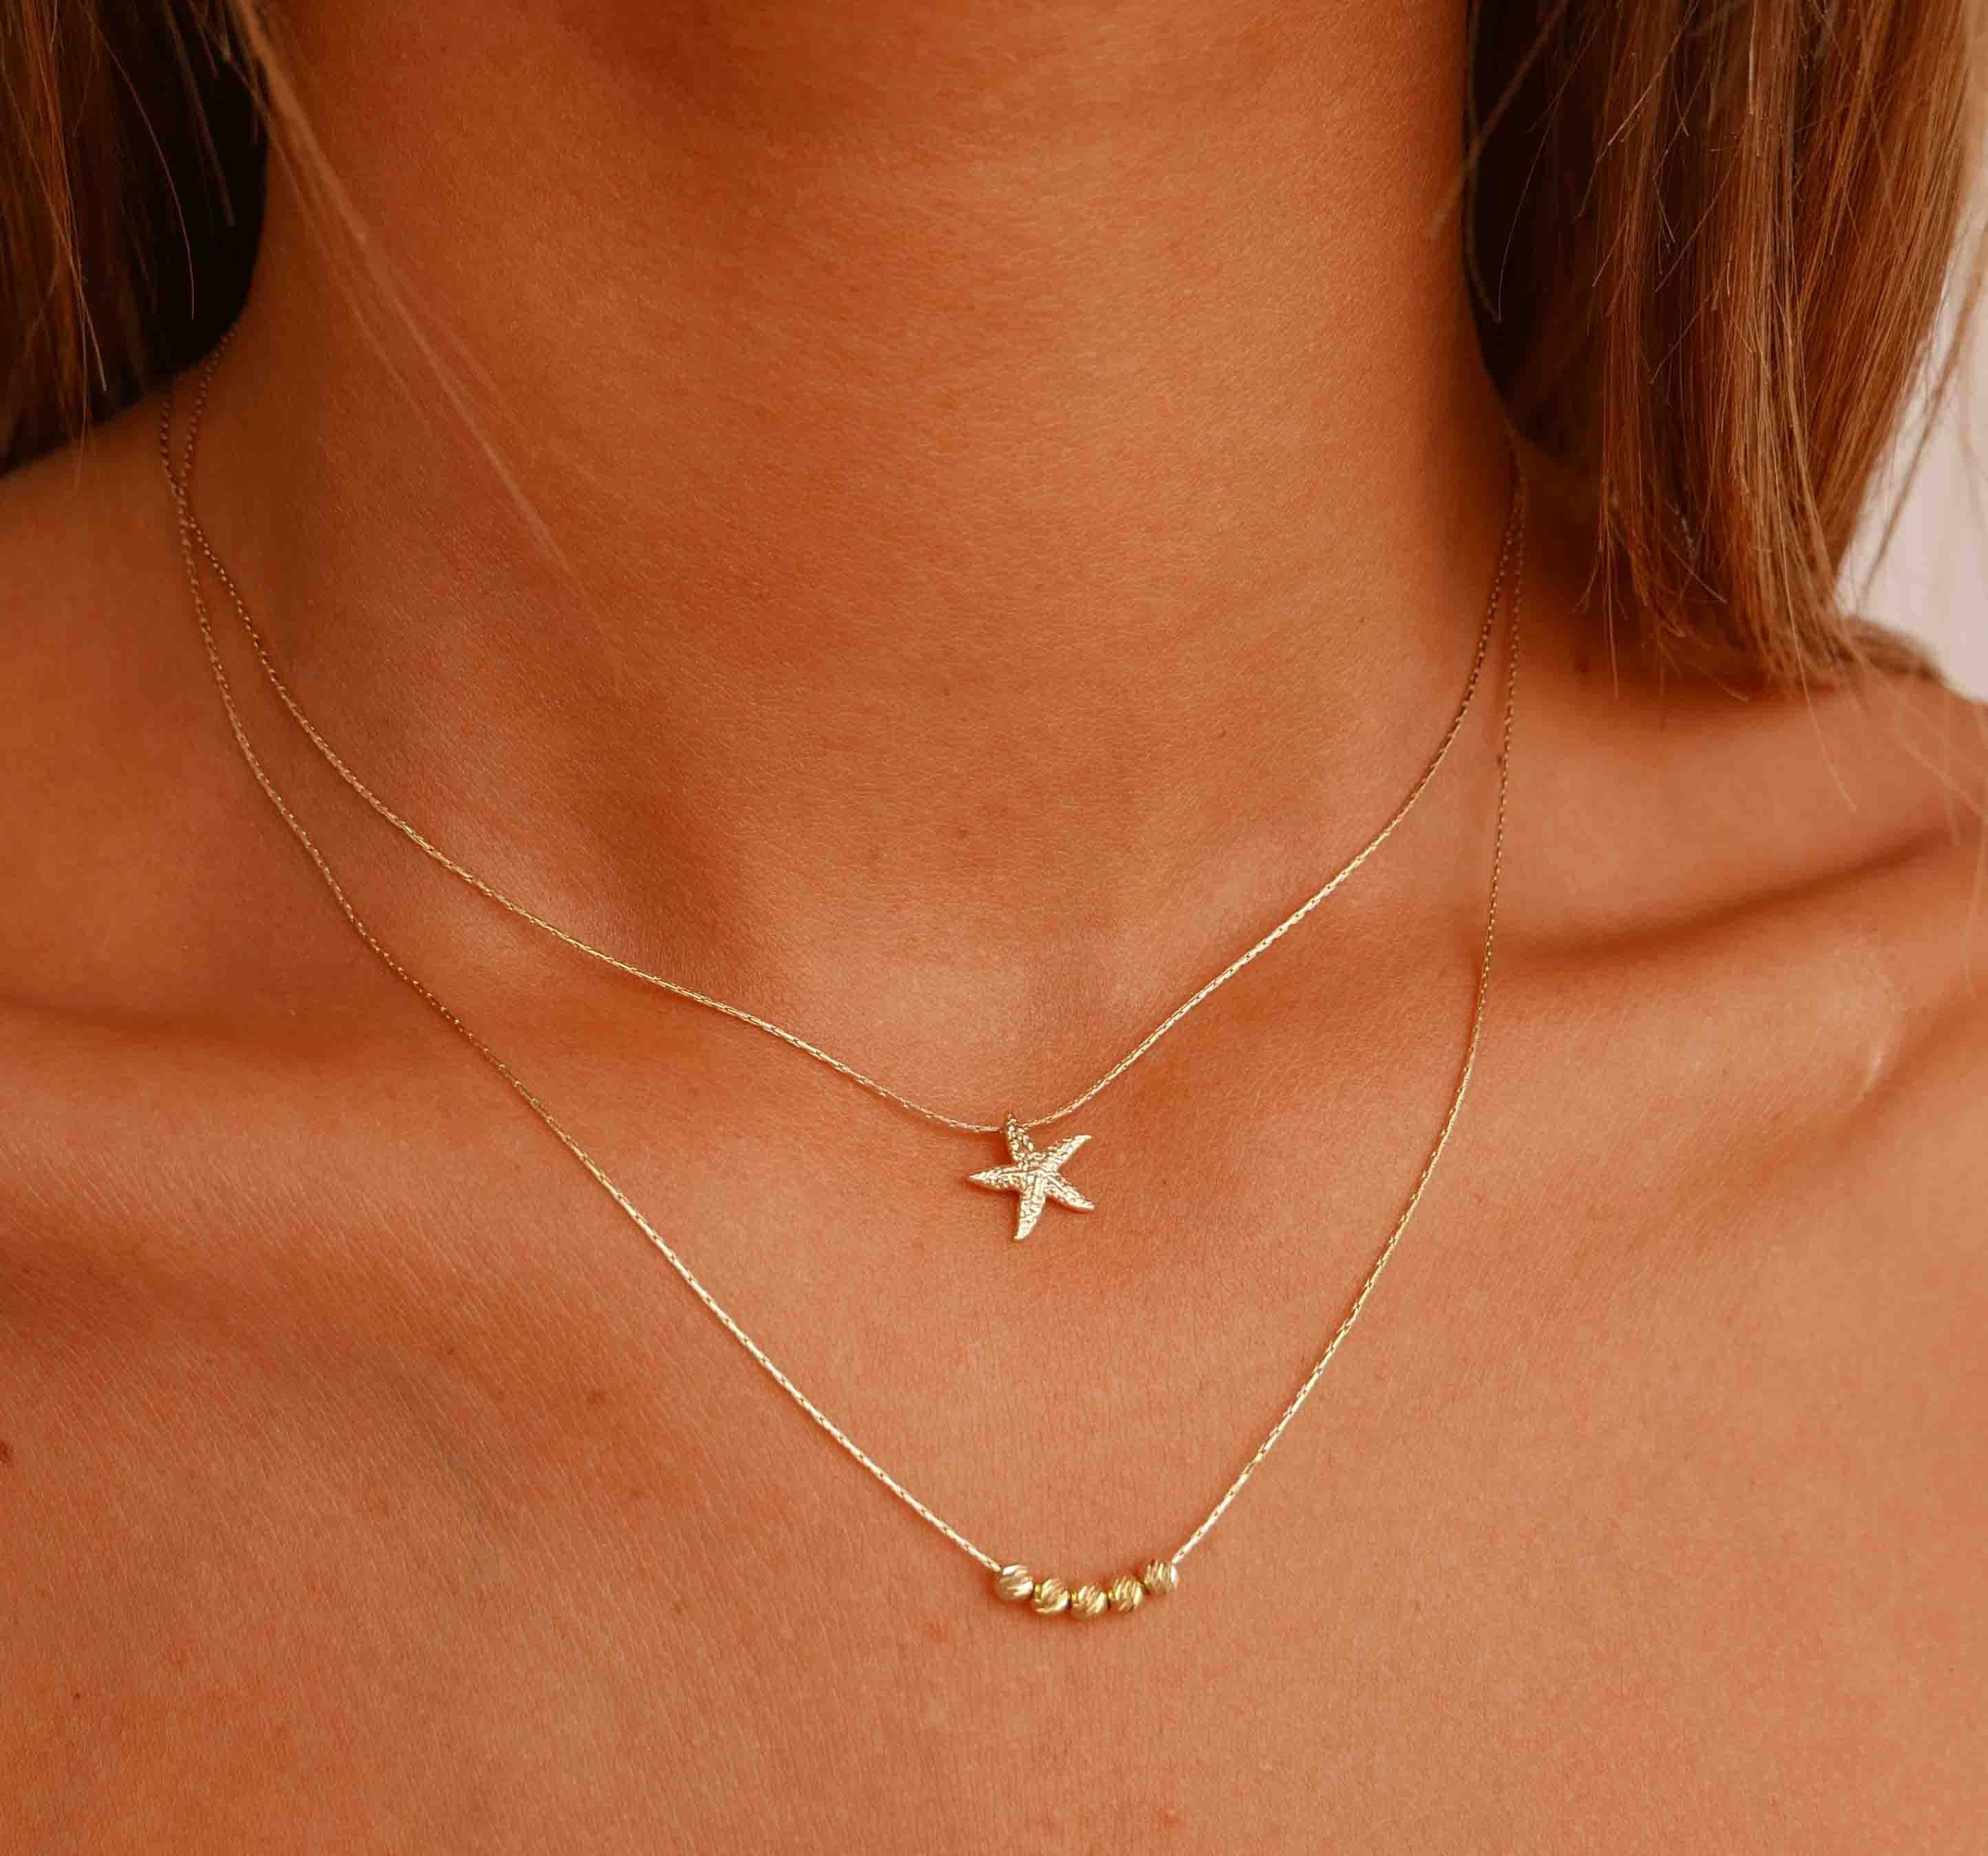 de55c715761d Capas de oro collar - collar de oro lleno - collar oro - oro estrella de  mar - conjunto de 2 collares - Boho collar de la conjunto Set de 2 oro ...